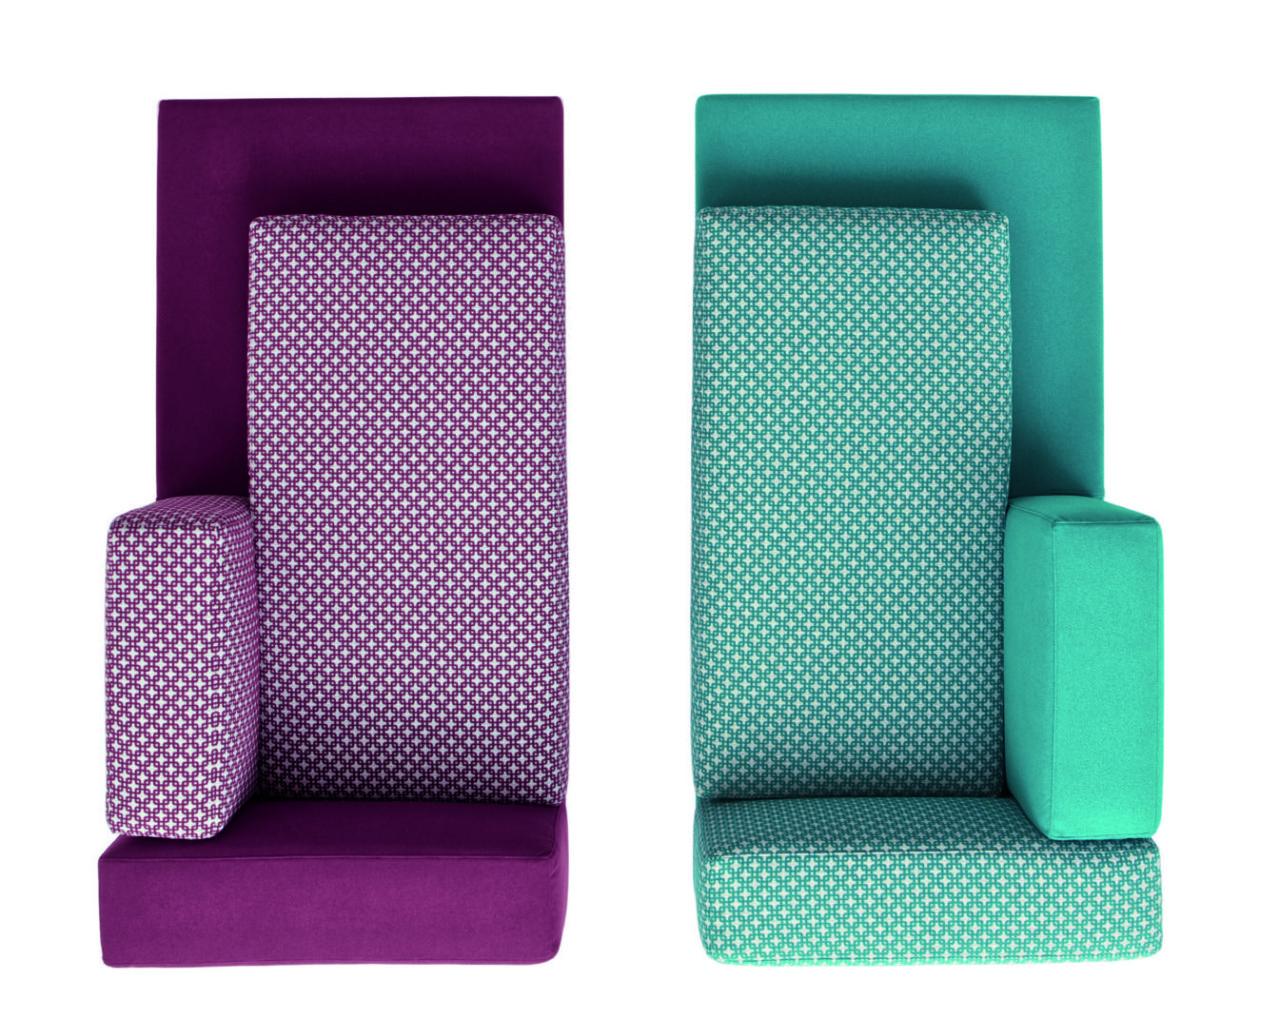 divano doimo componibile bordeaux azzurro